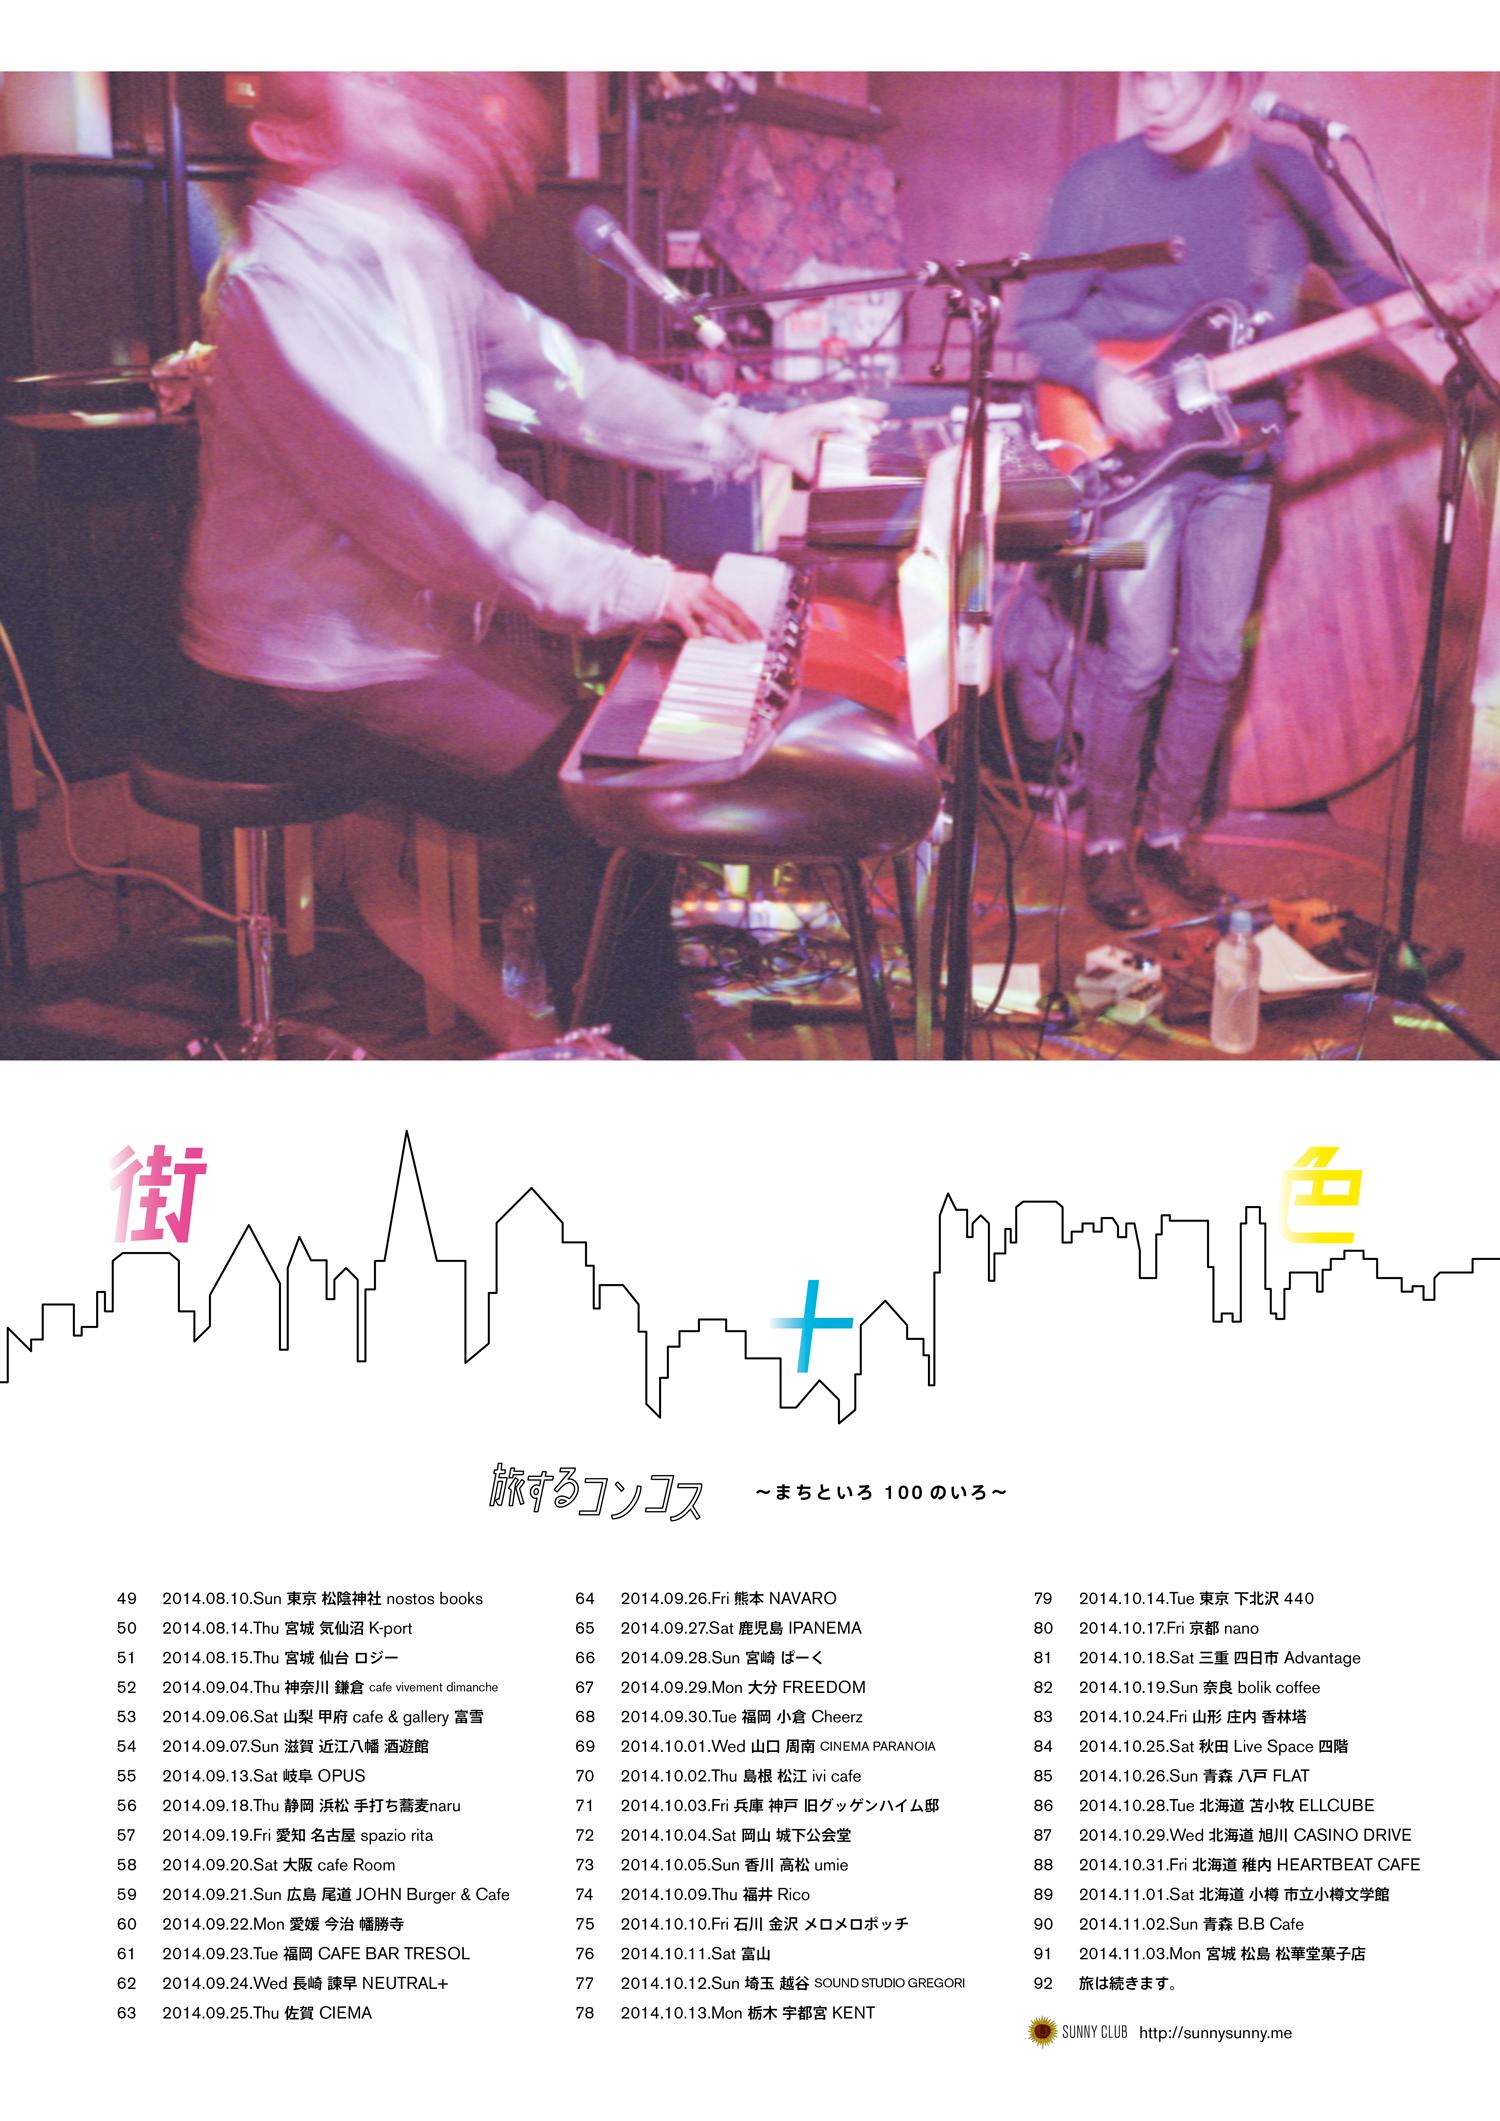 コンコス KONCOS Hitoshi Arai Acoustic Band Set